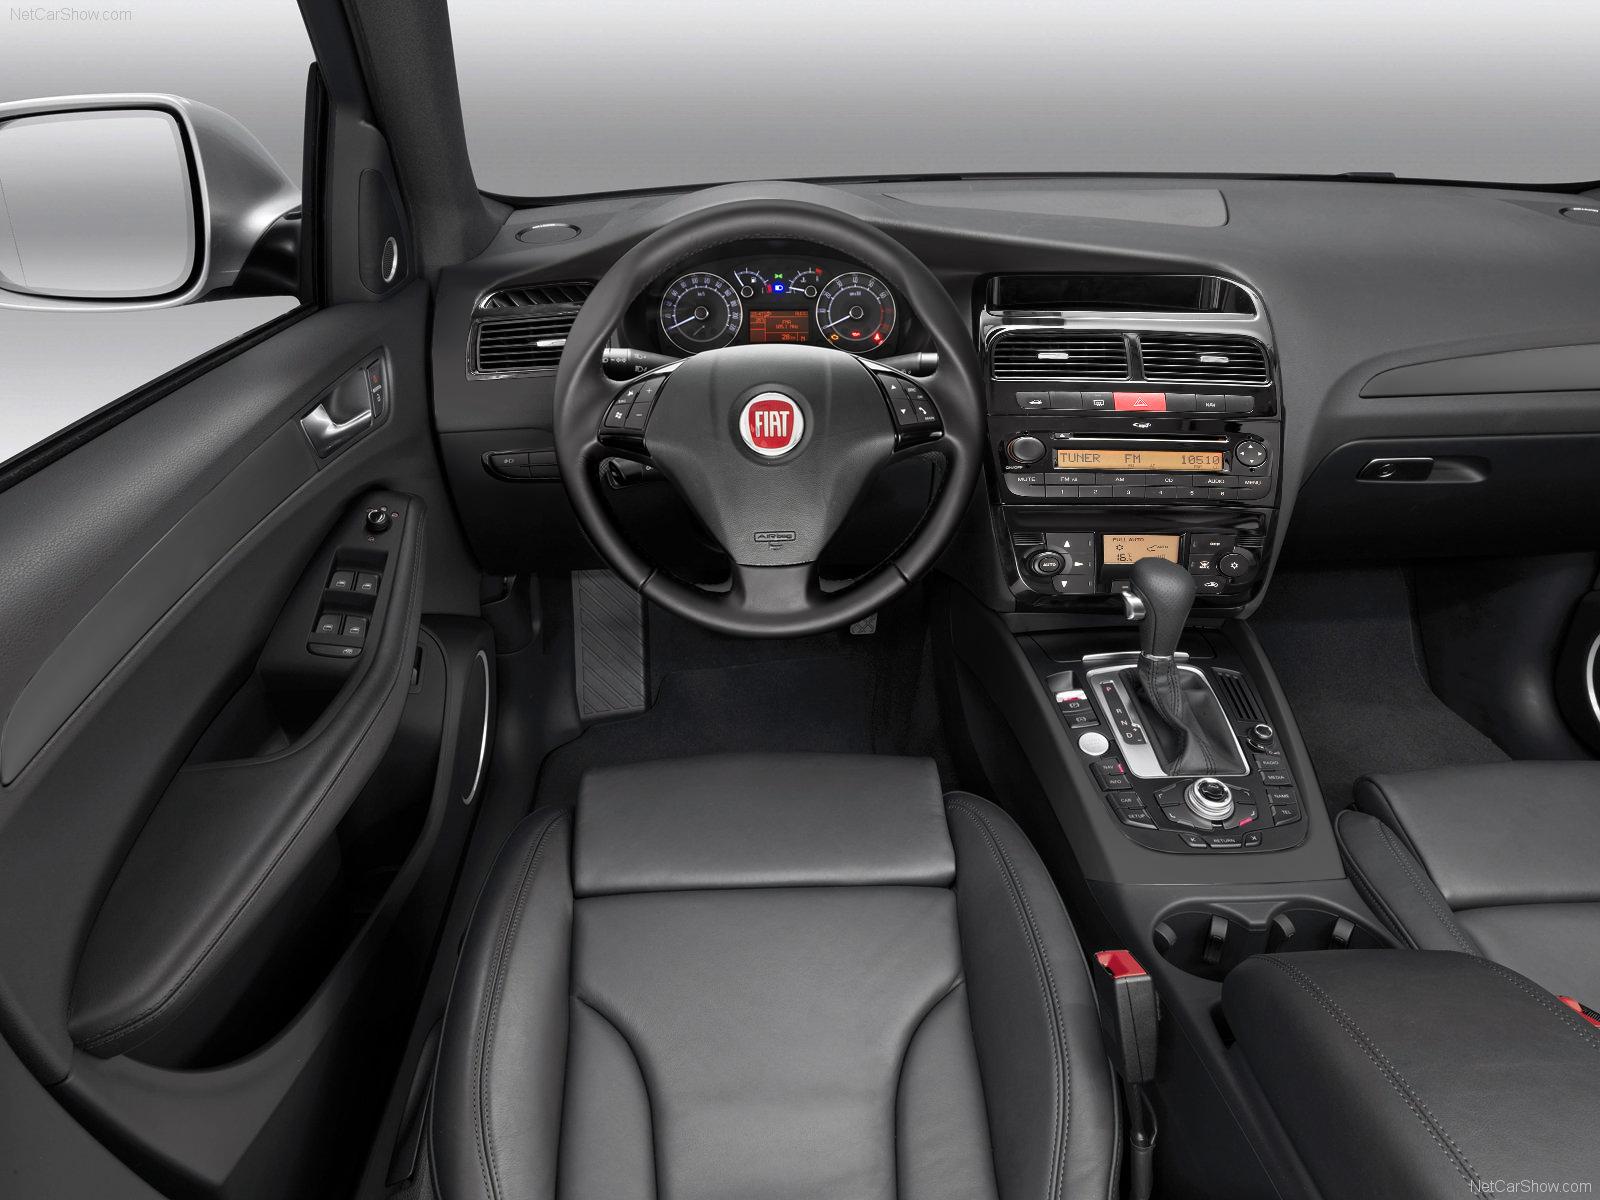 Fiat Oltre Interior - Clique na Imagem para Ampliar